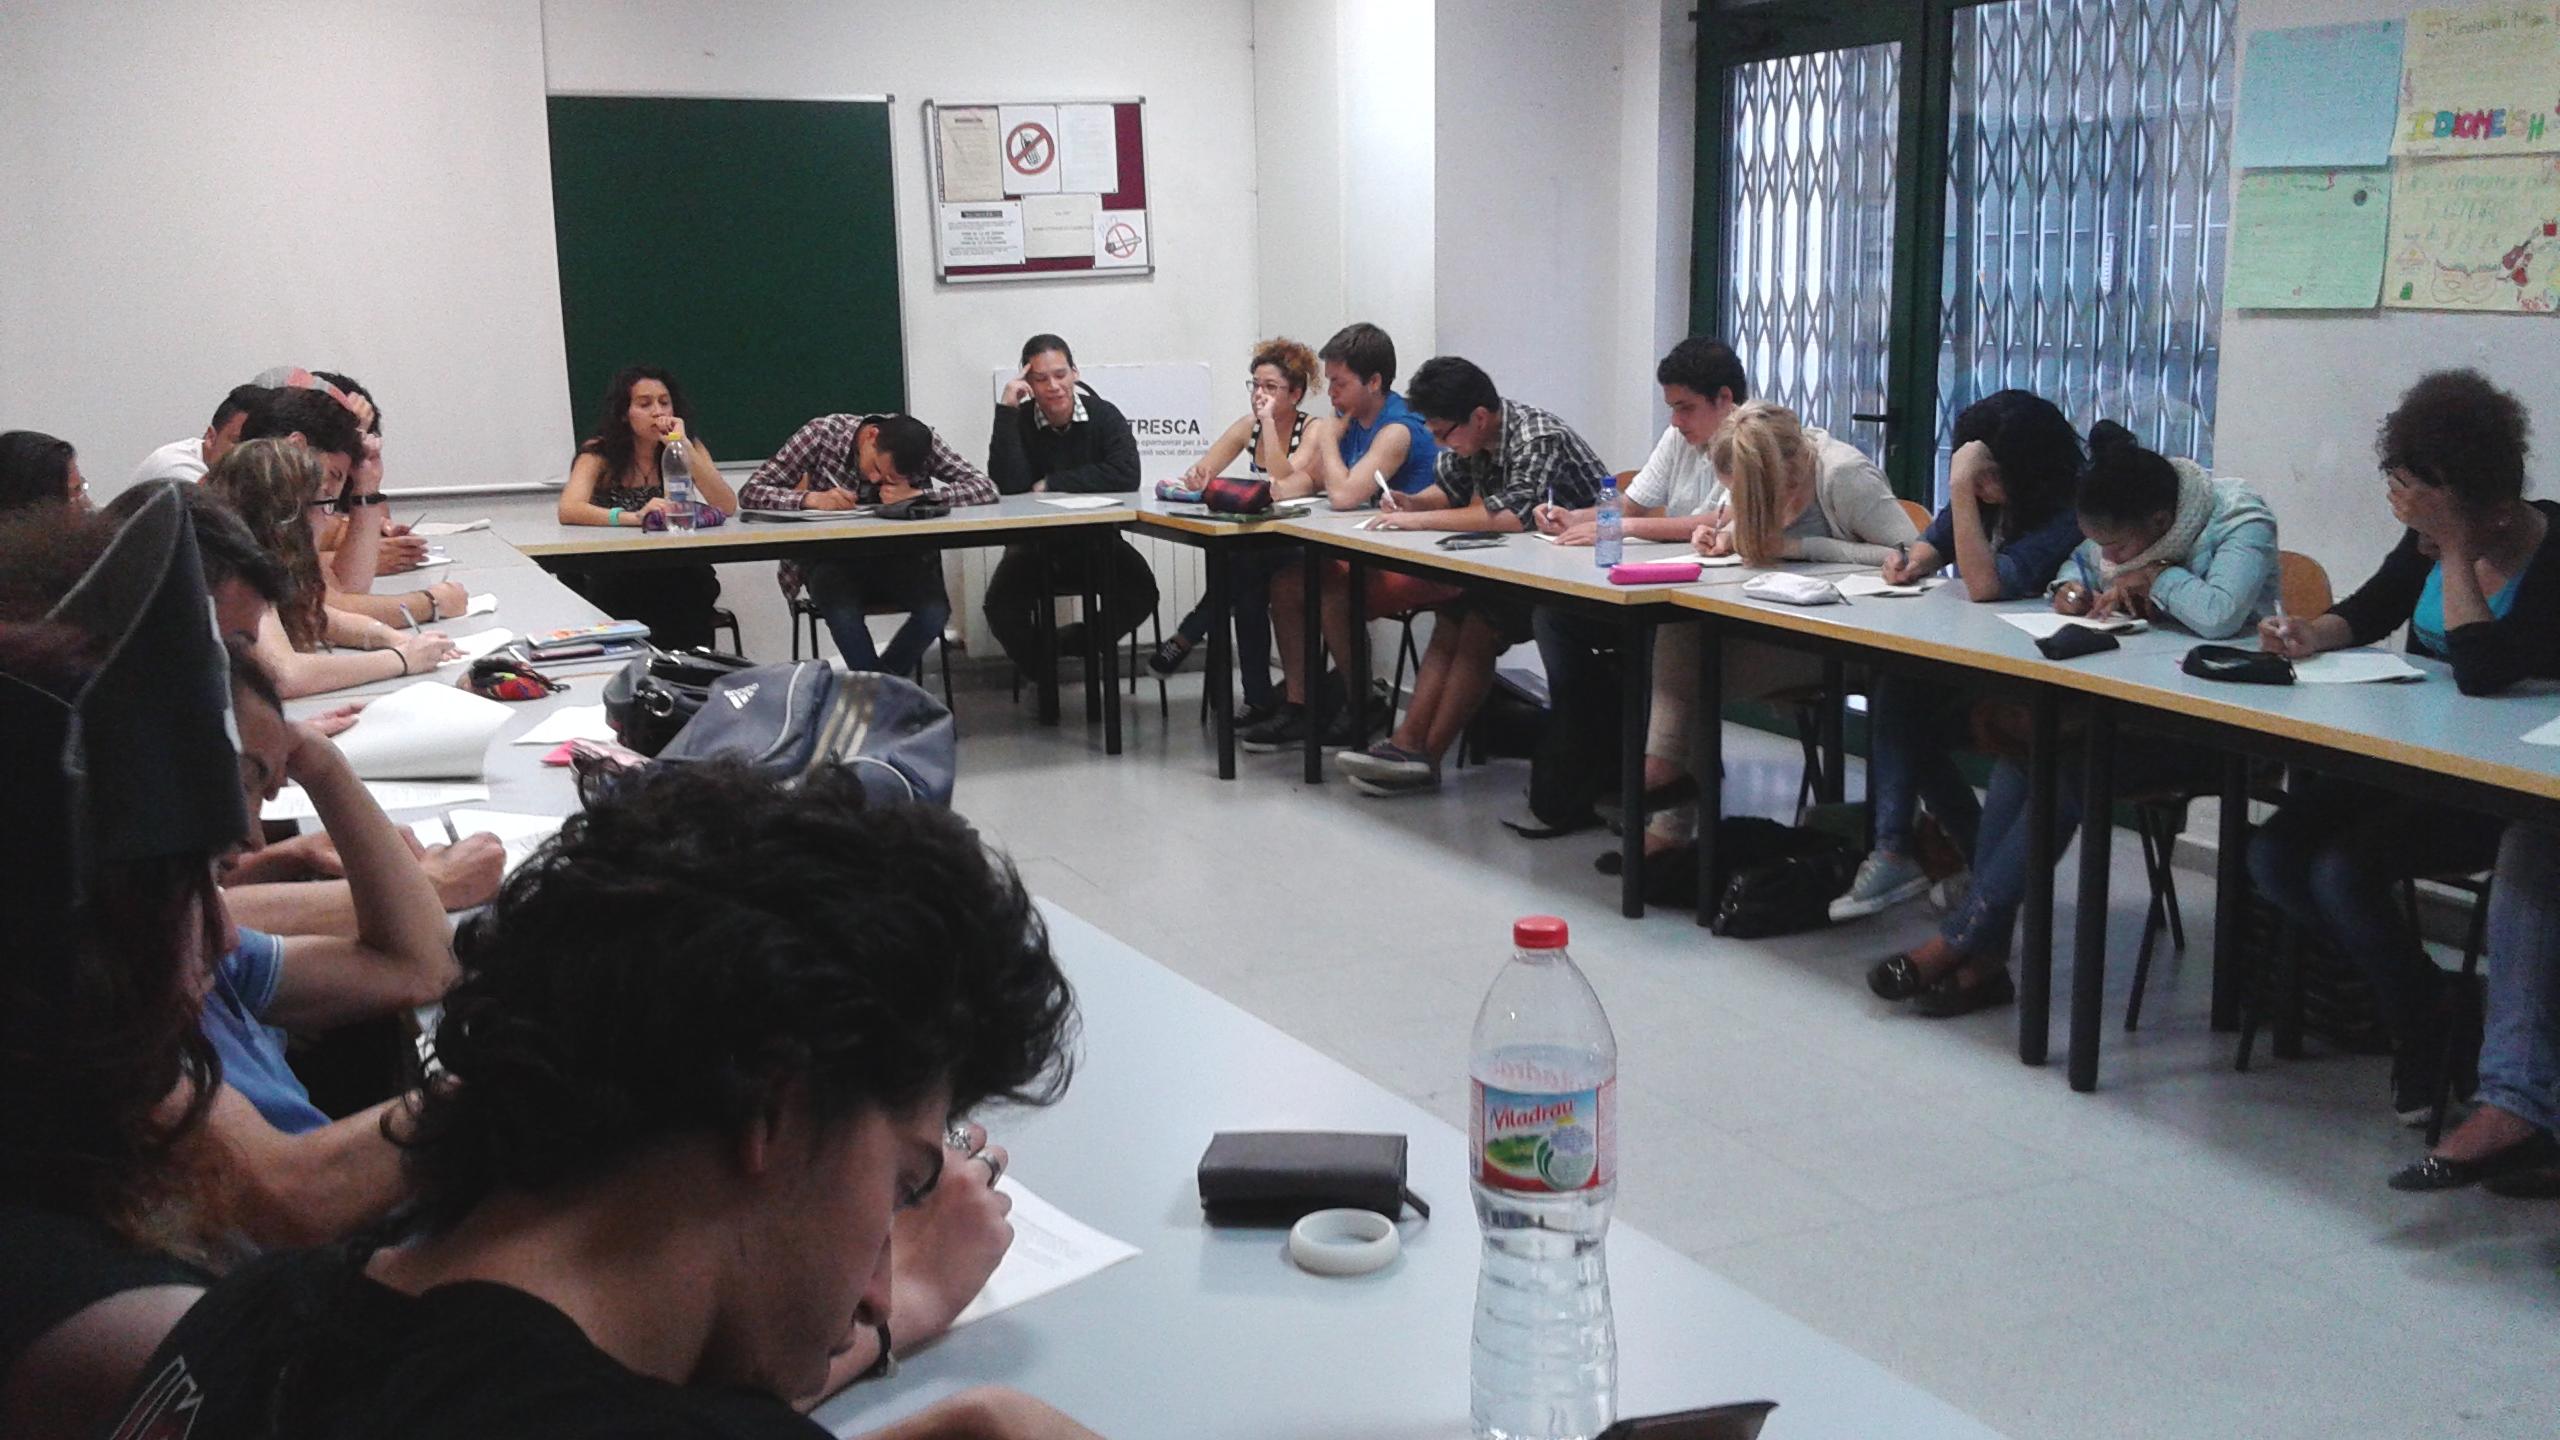 Examen en el marc del desenvolupament de la formació